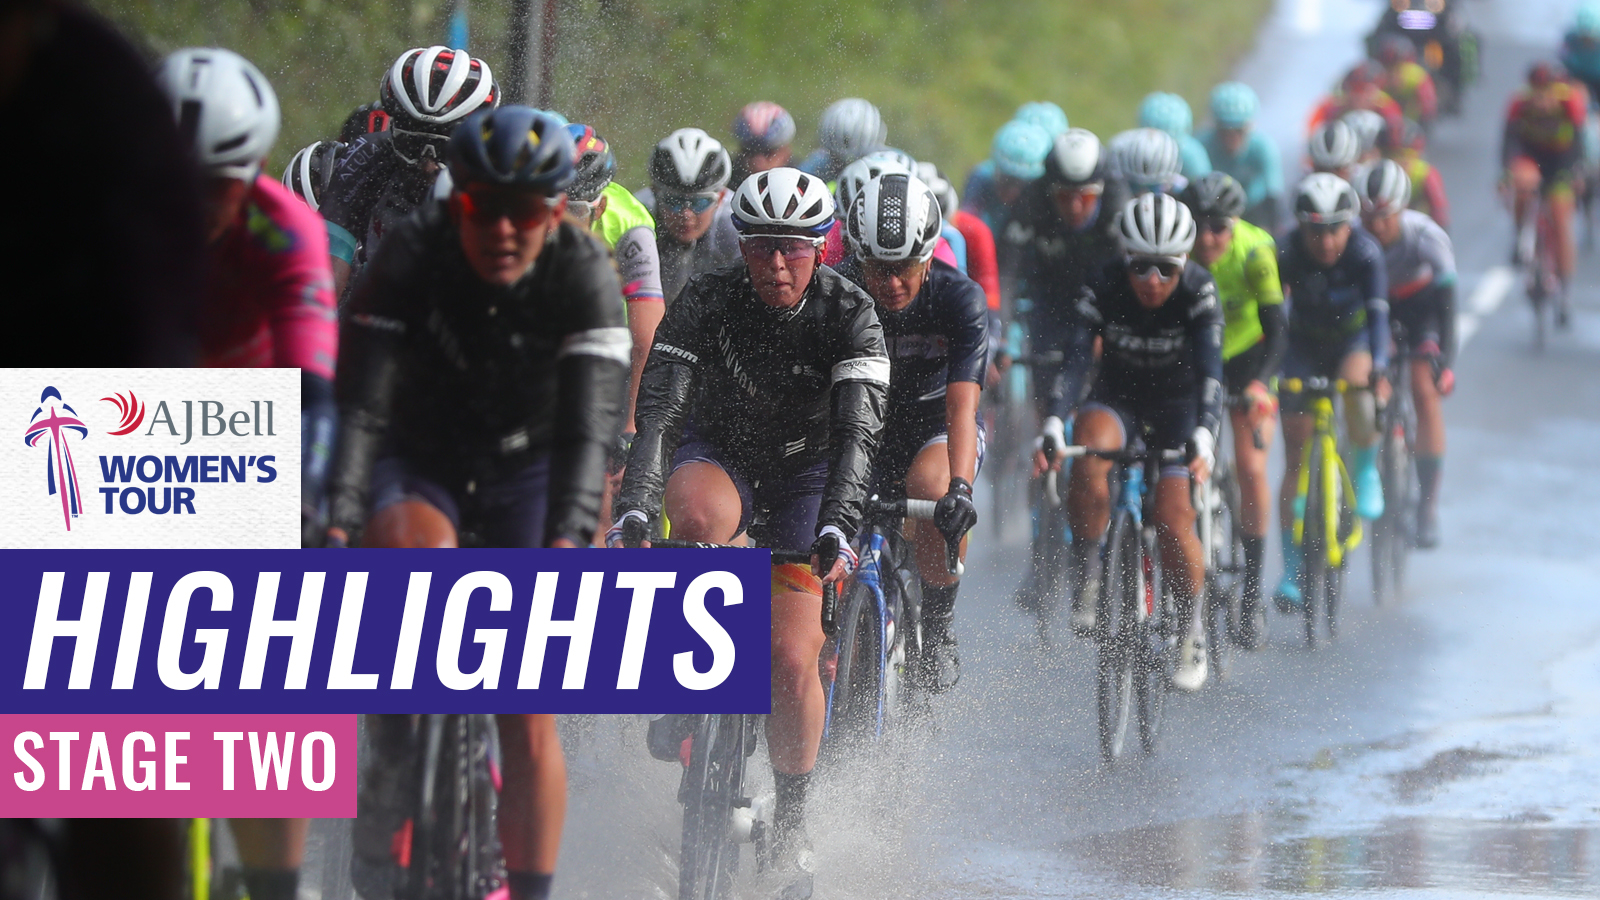 Women's Tour Walsall highlights